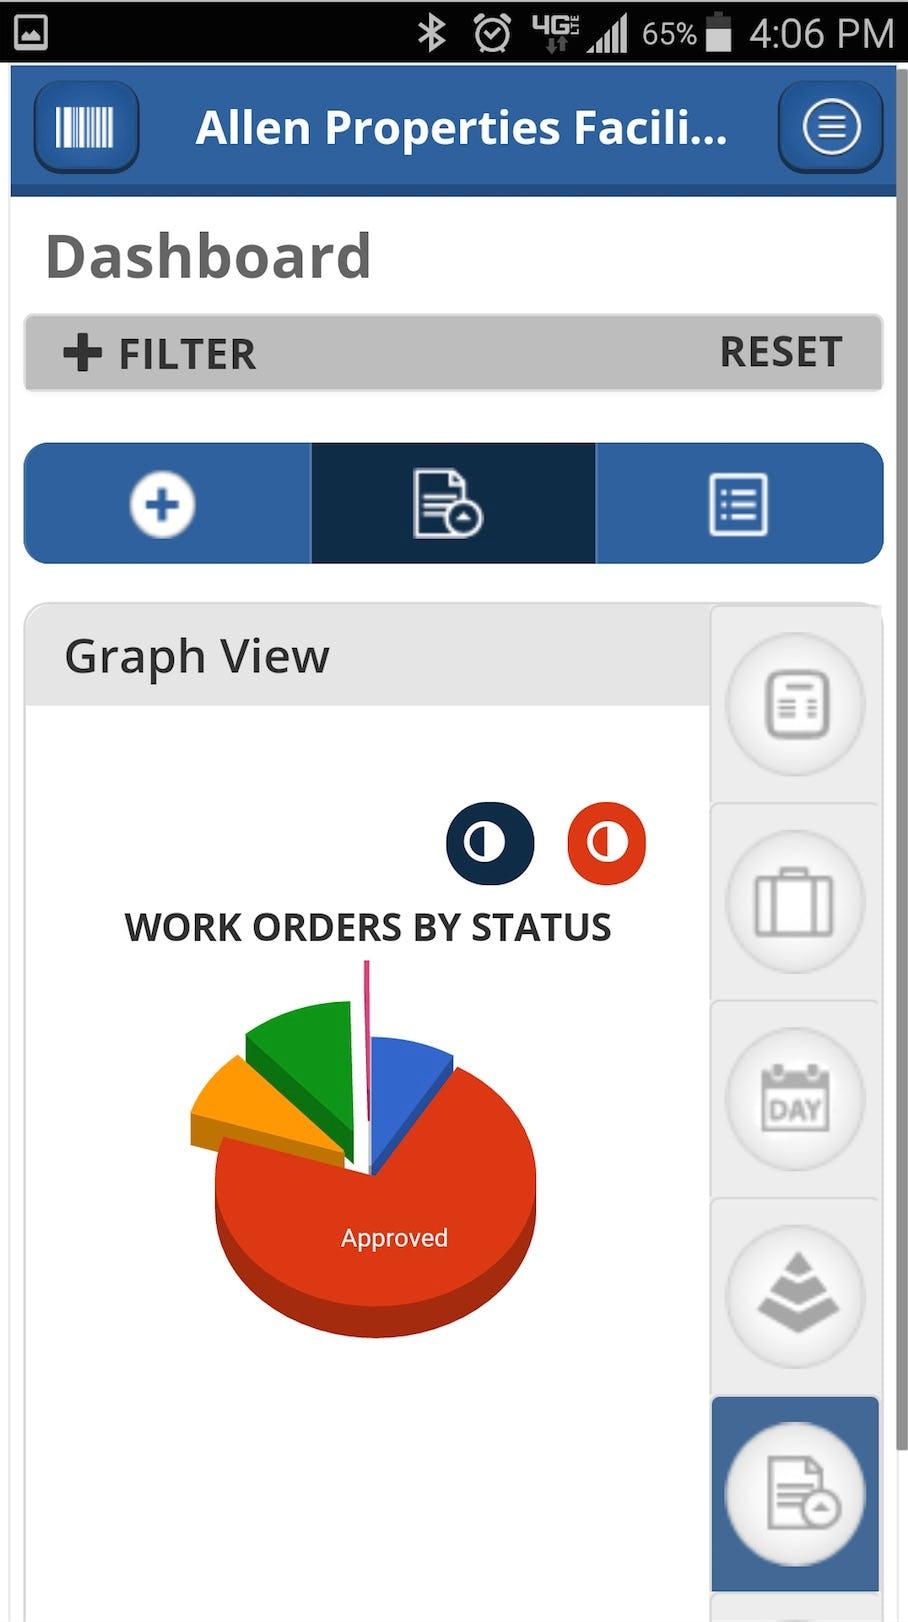 NetFacilities Software - NetFacilities smartphone work order